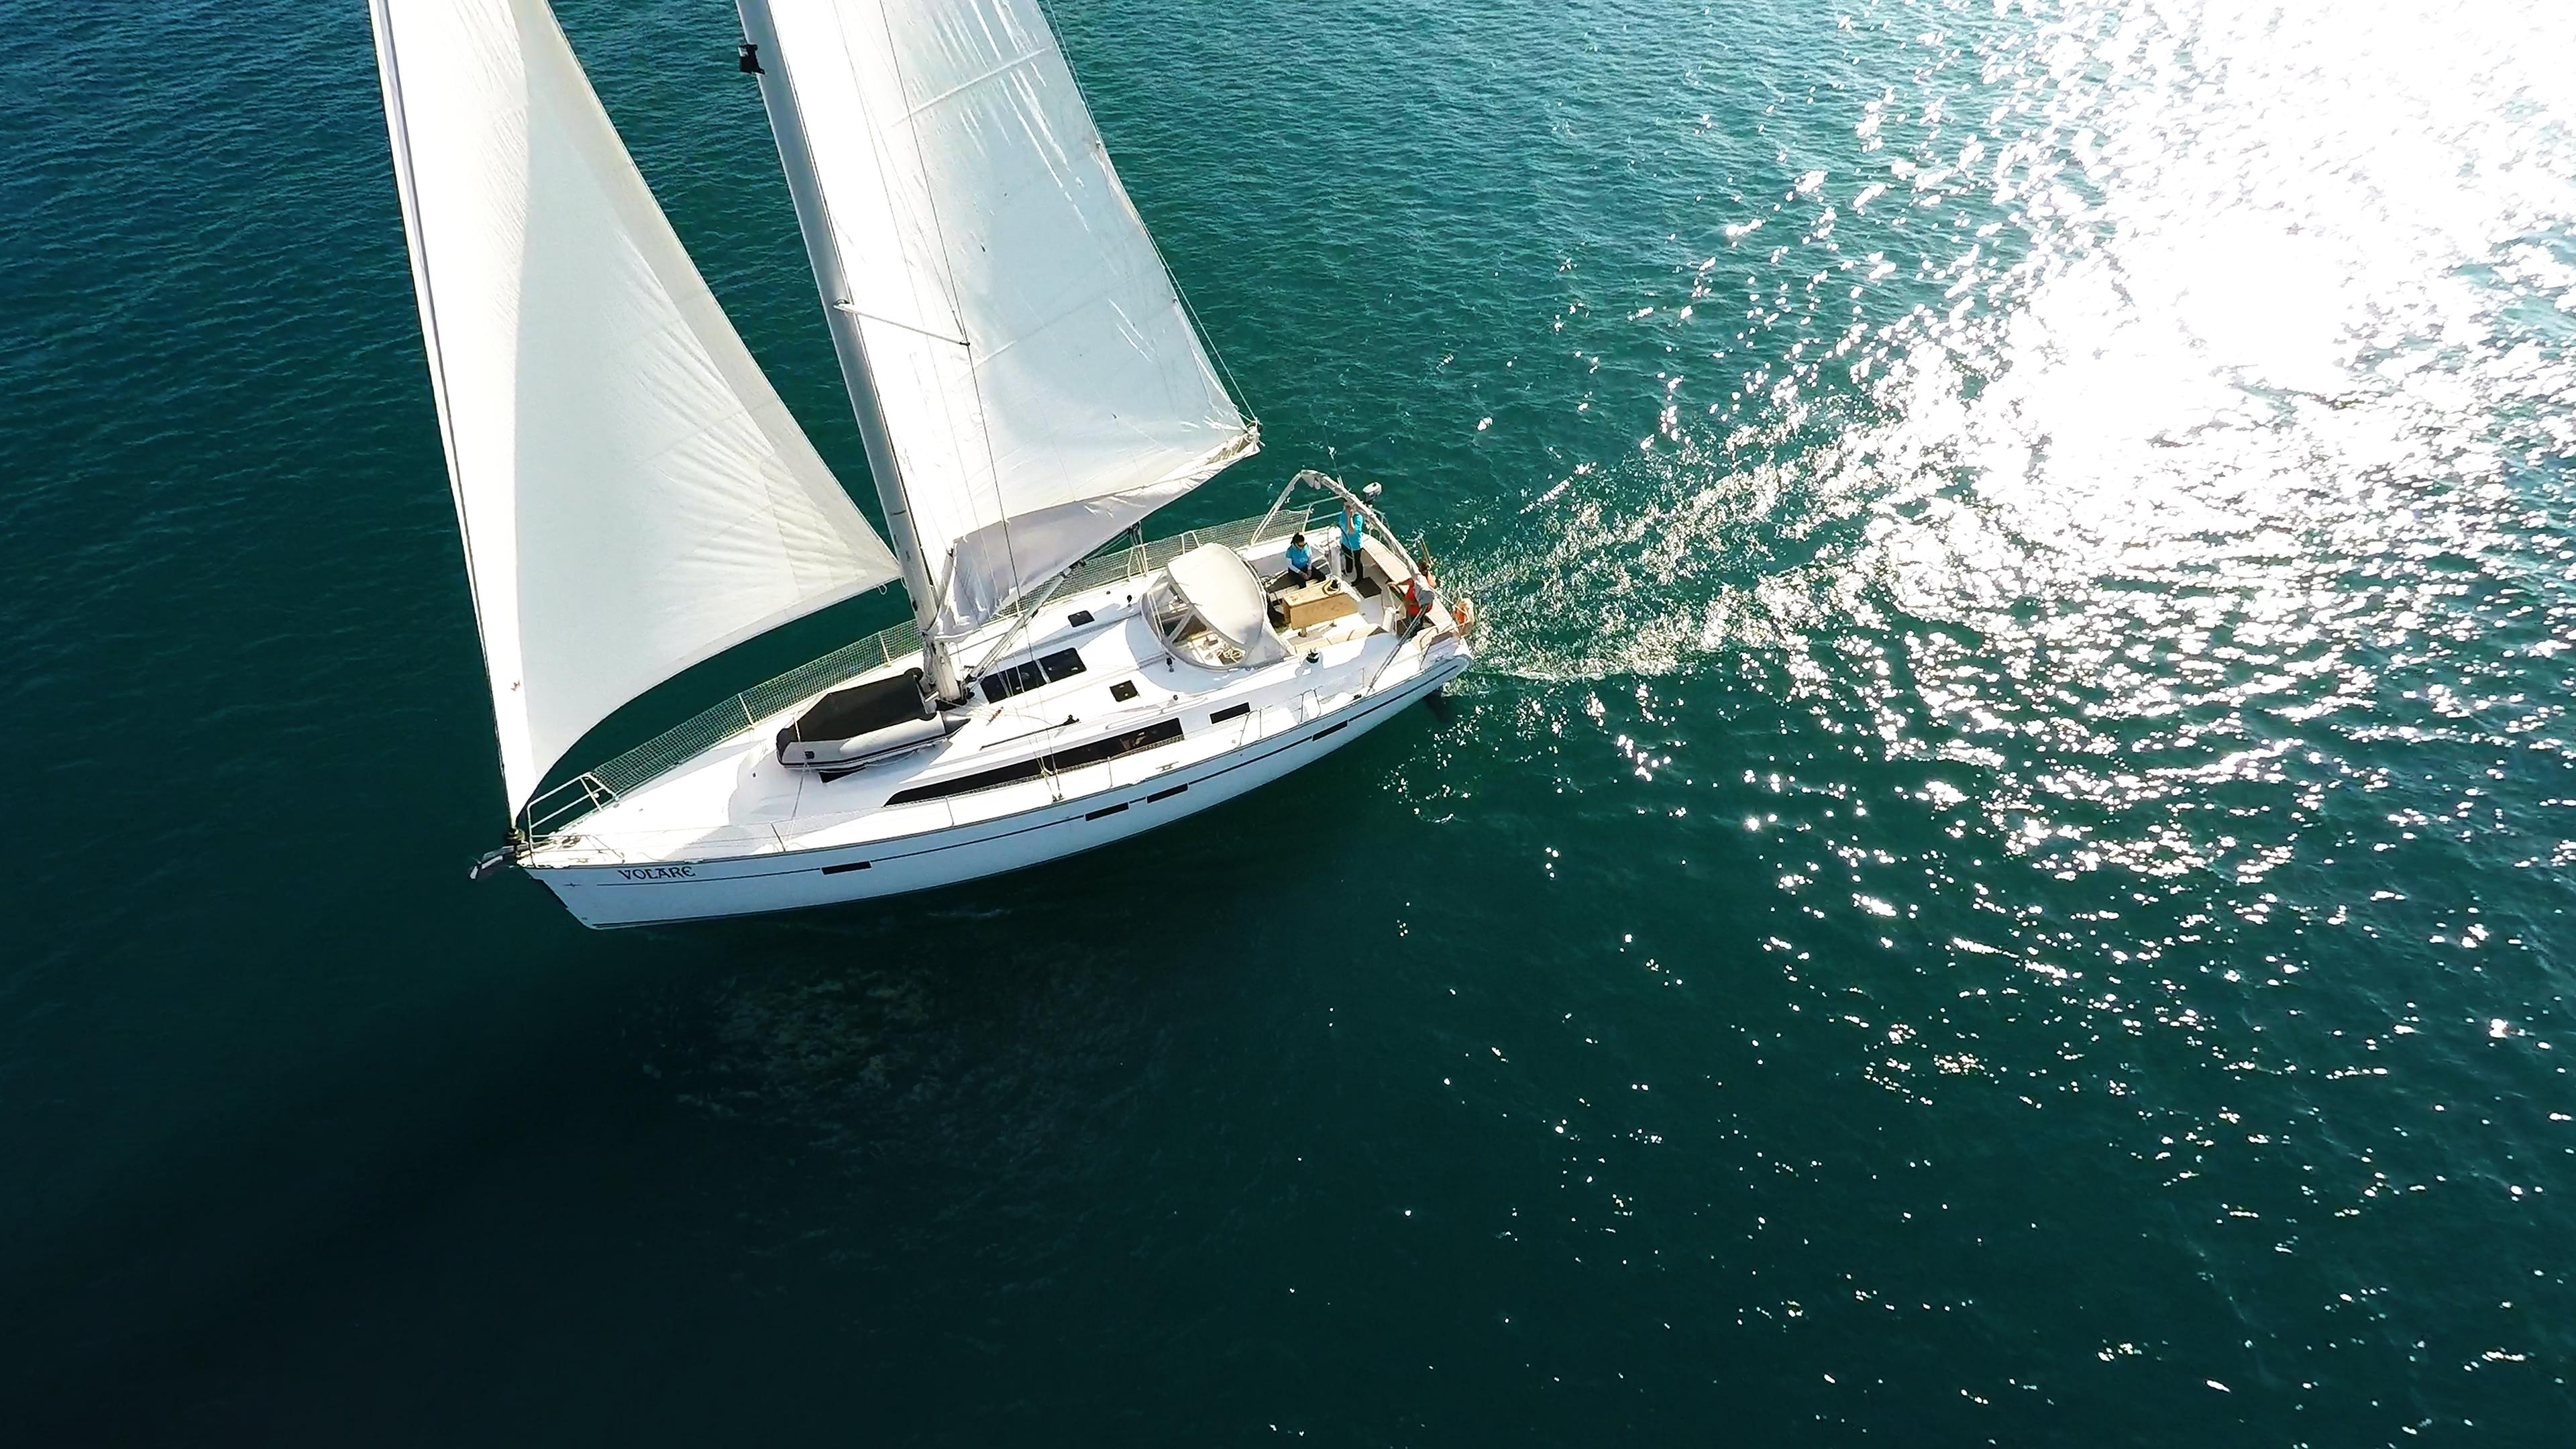 sailing yacht sails sailing yacht bavaria 46 boat